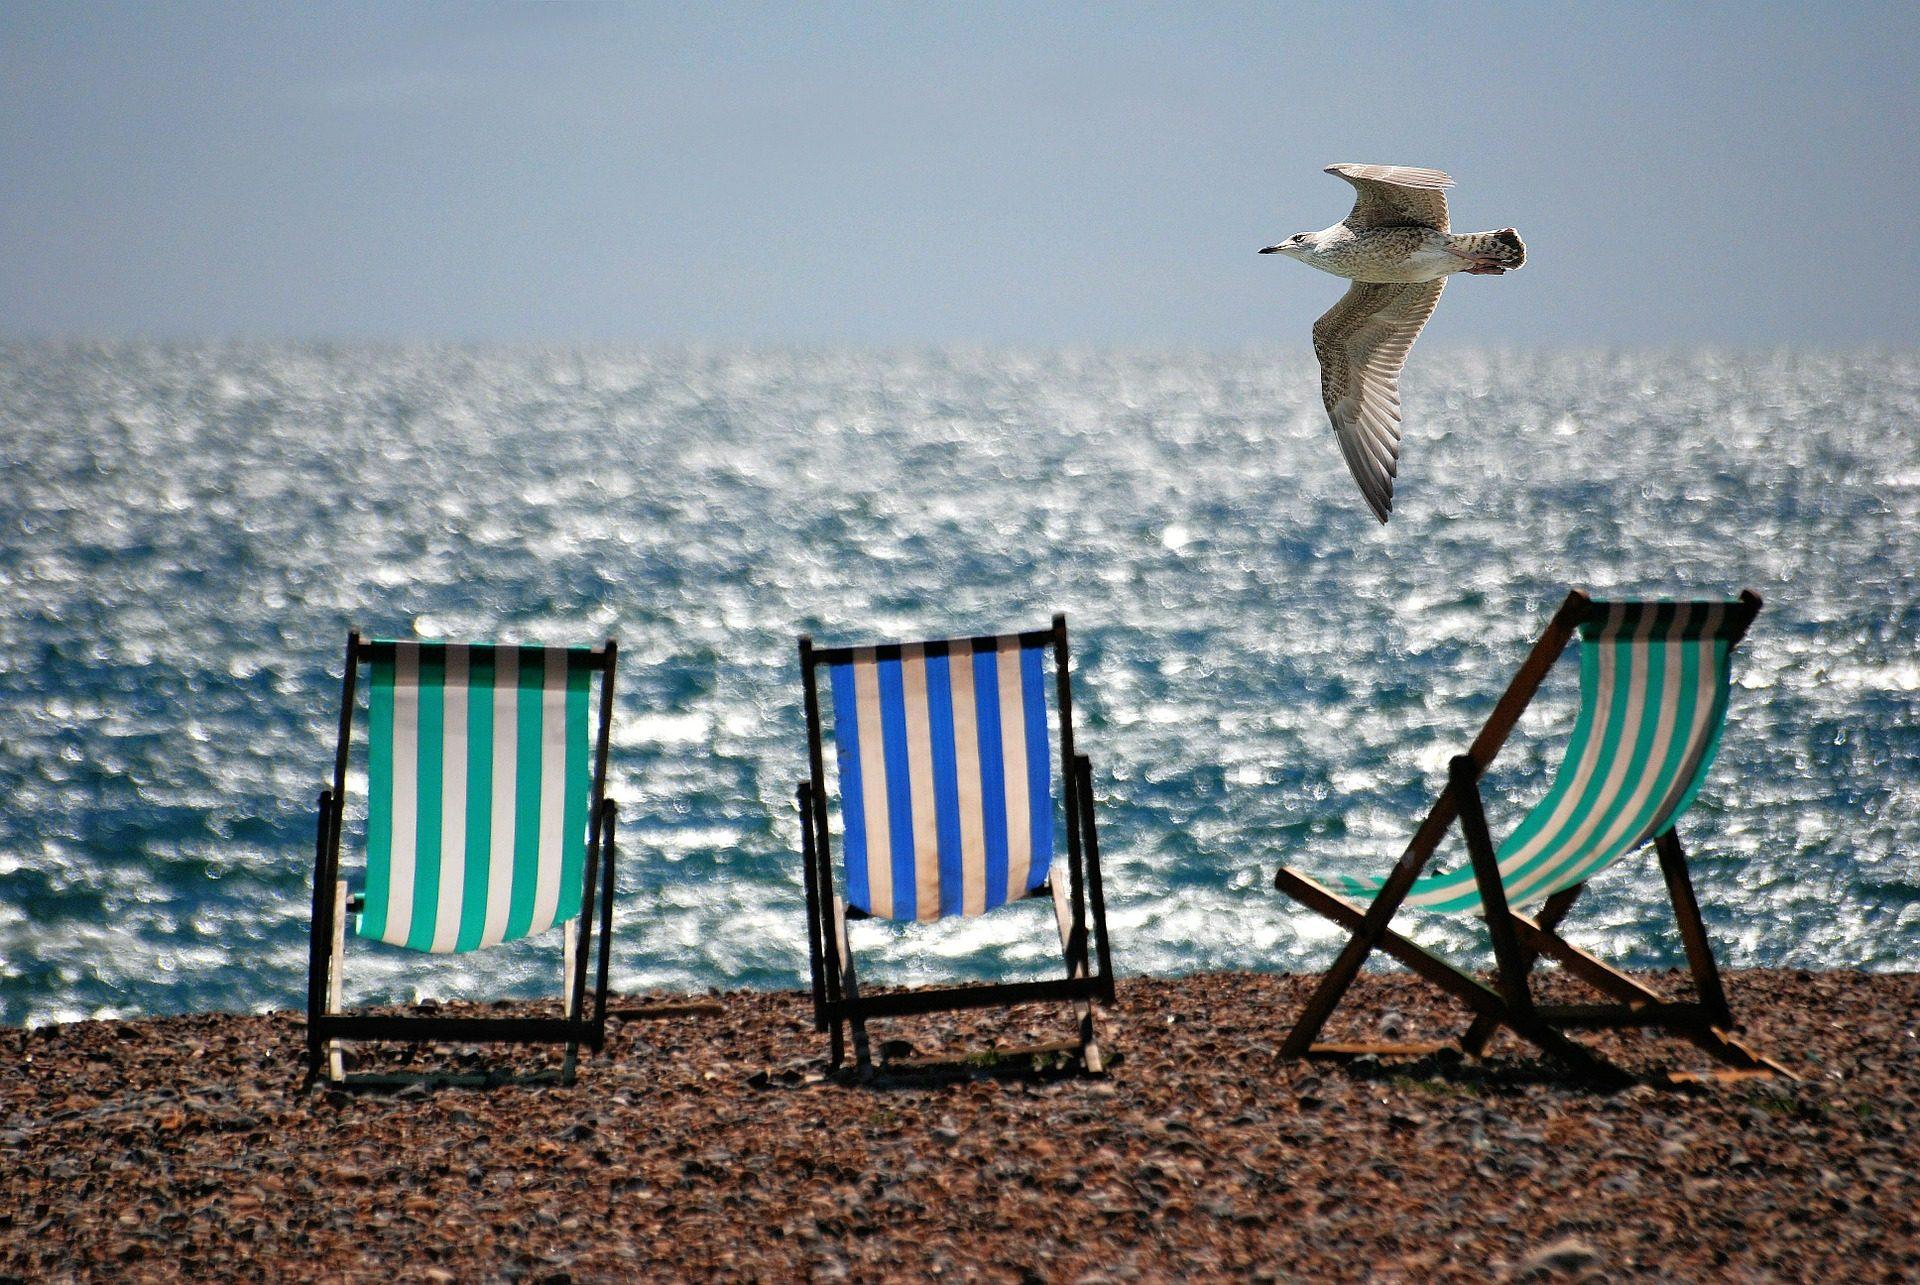 椅子, 海滩, 海鸥, 石头, 海 - 高清壁纸 - 教授-falken.com